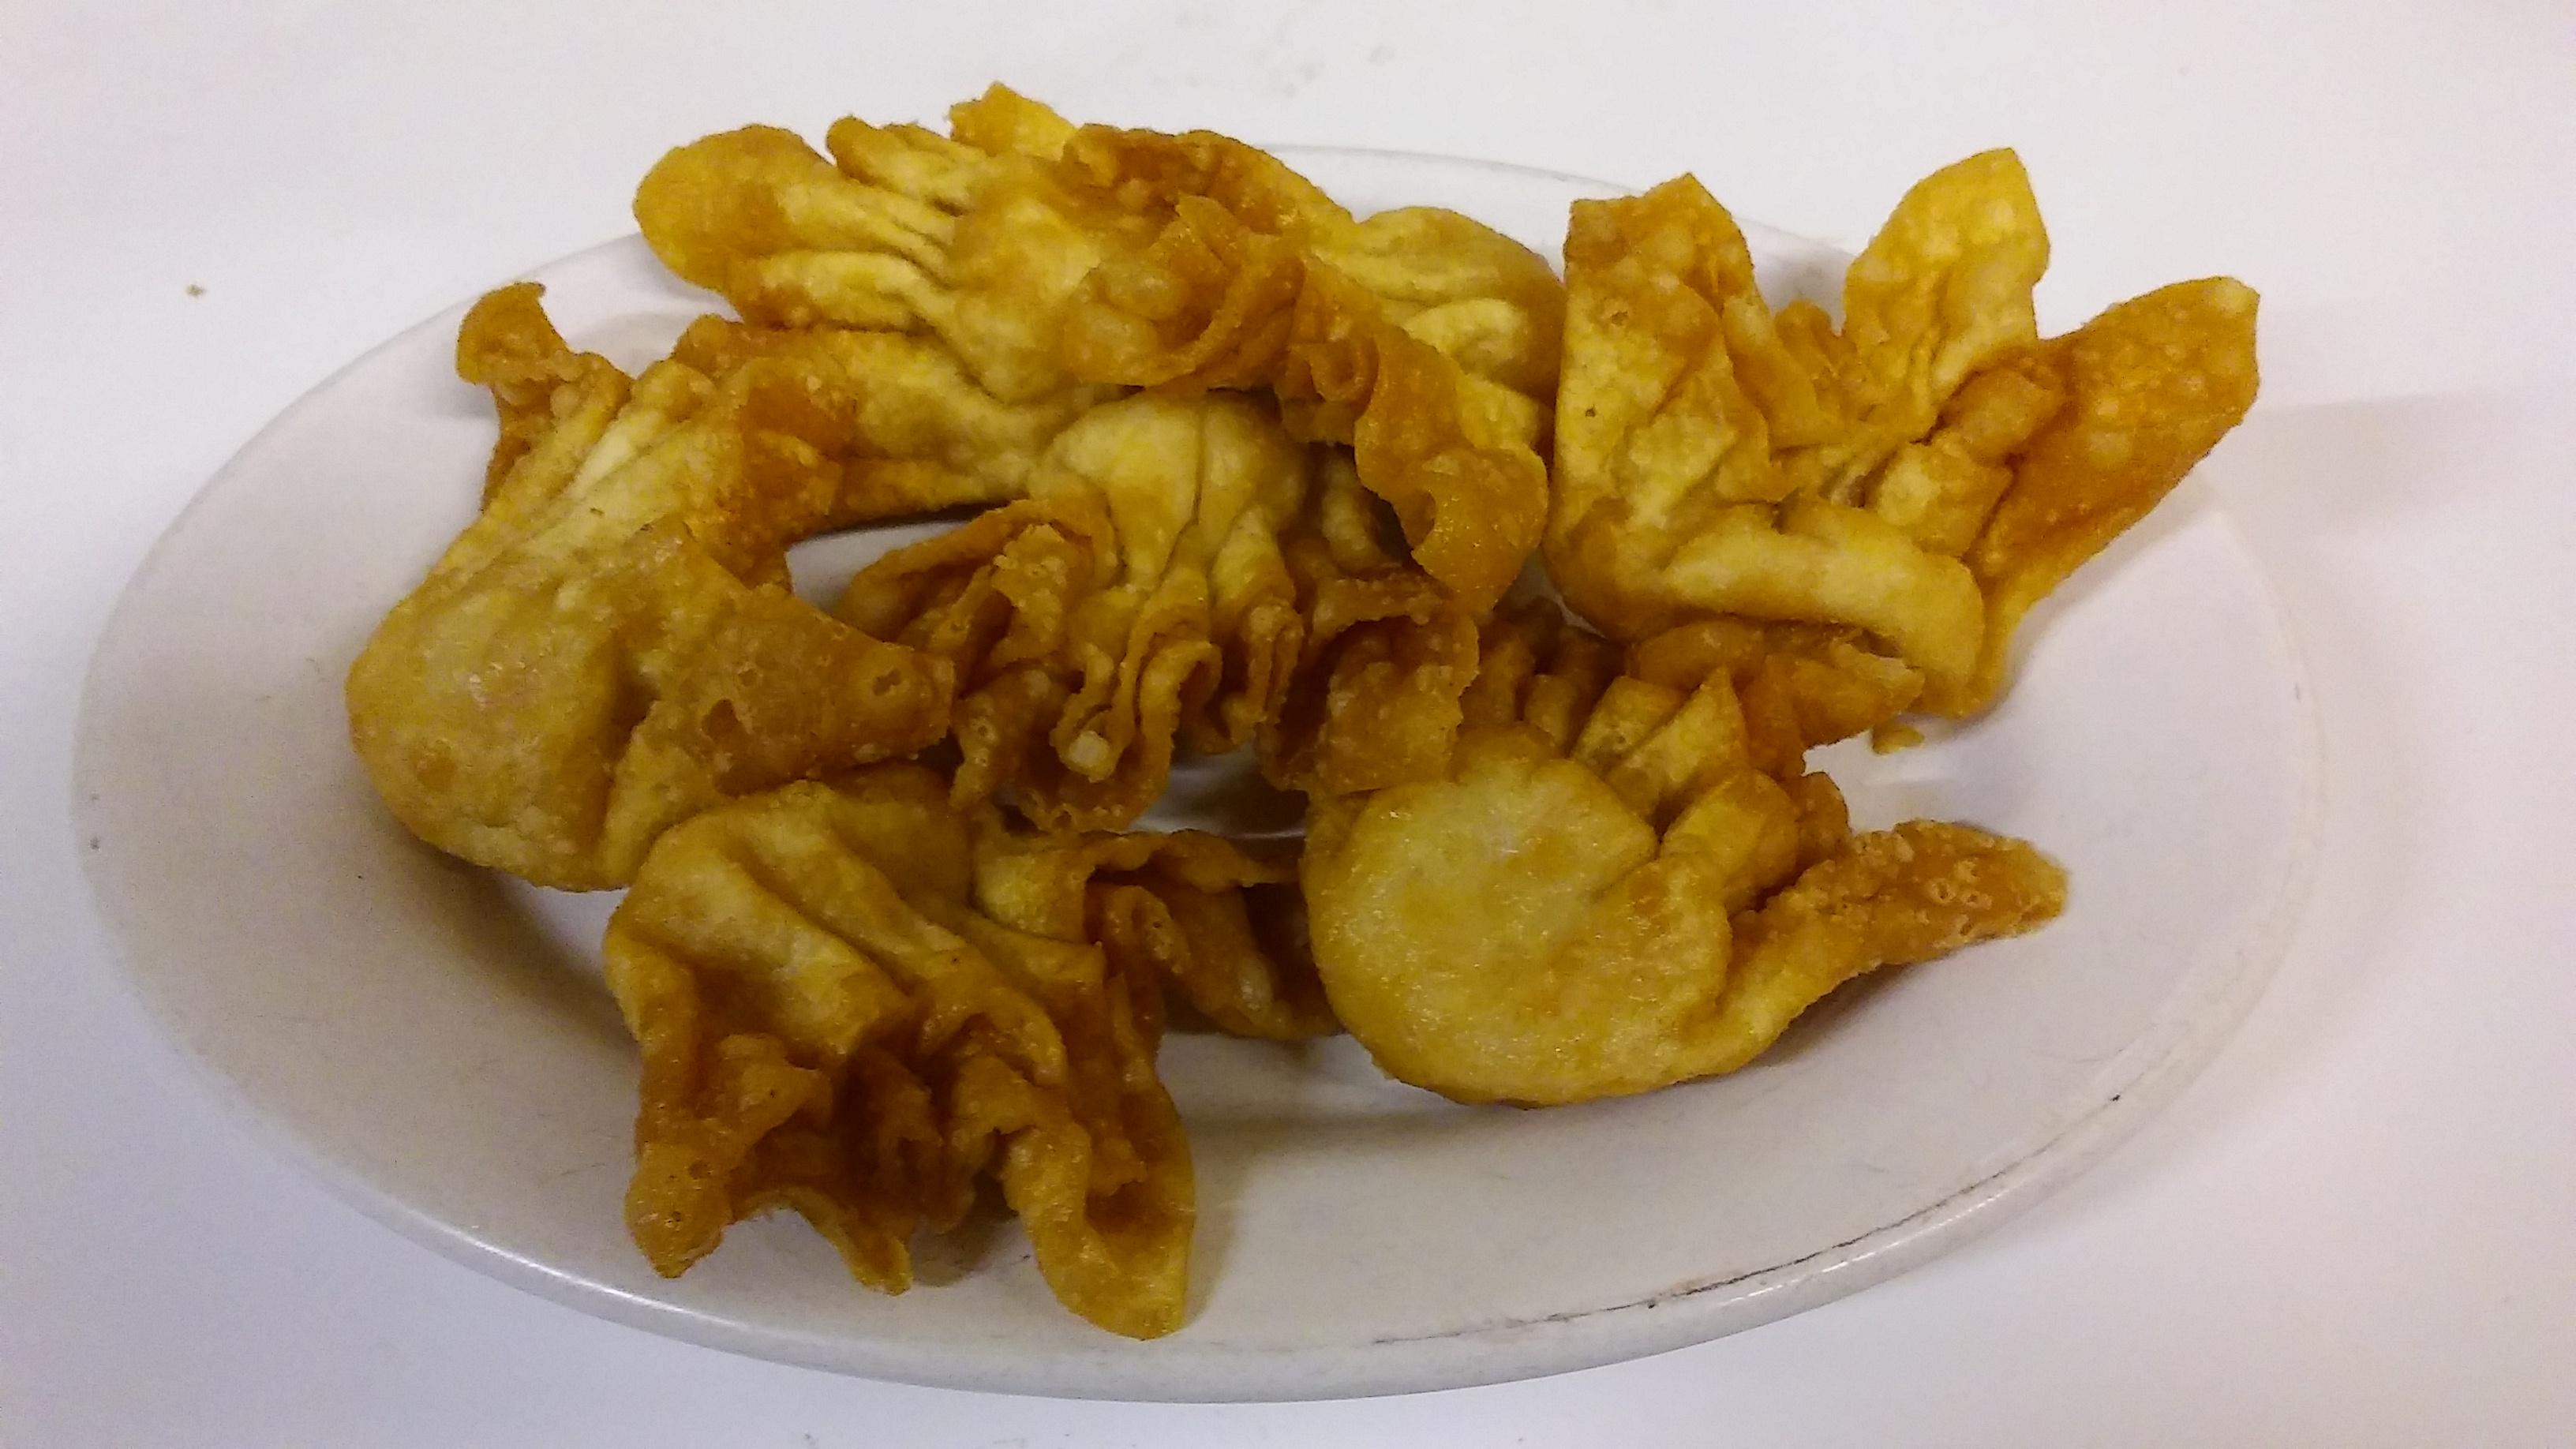 8. Fried Crab Rangoons Image